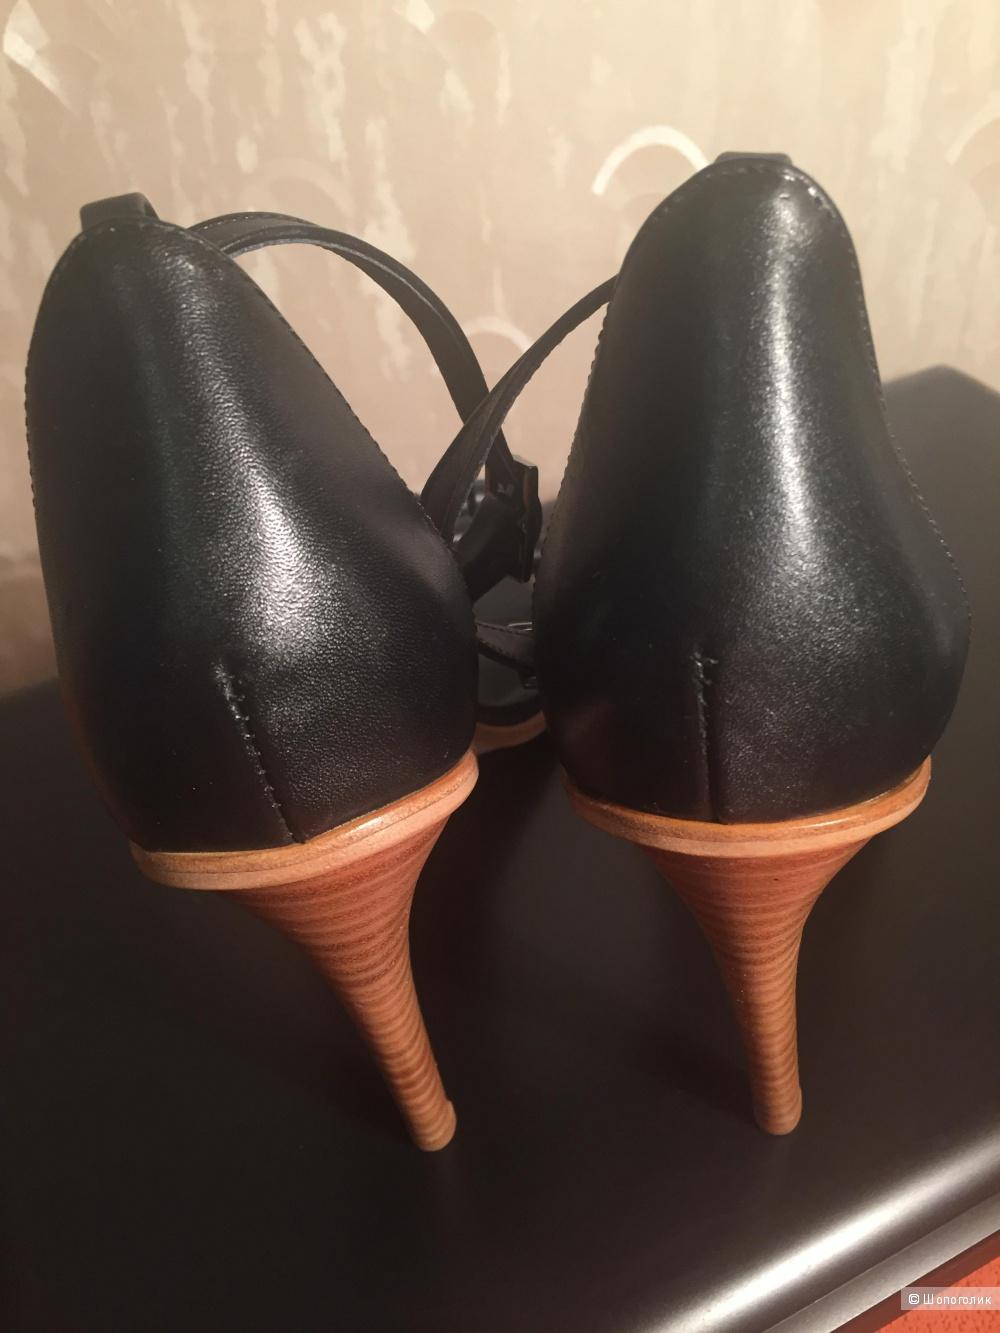 Босоножки TIBI, оригинал, размер 40, оригинал, цвет чёрный, сделано в Бразилии.